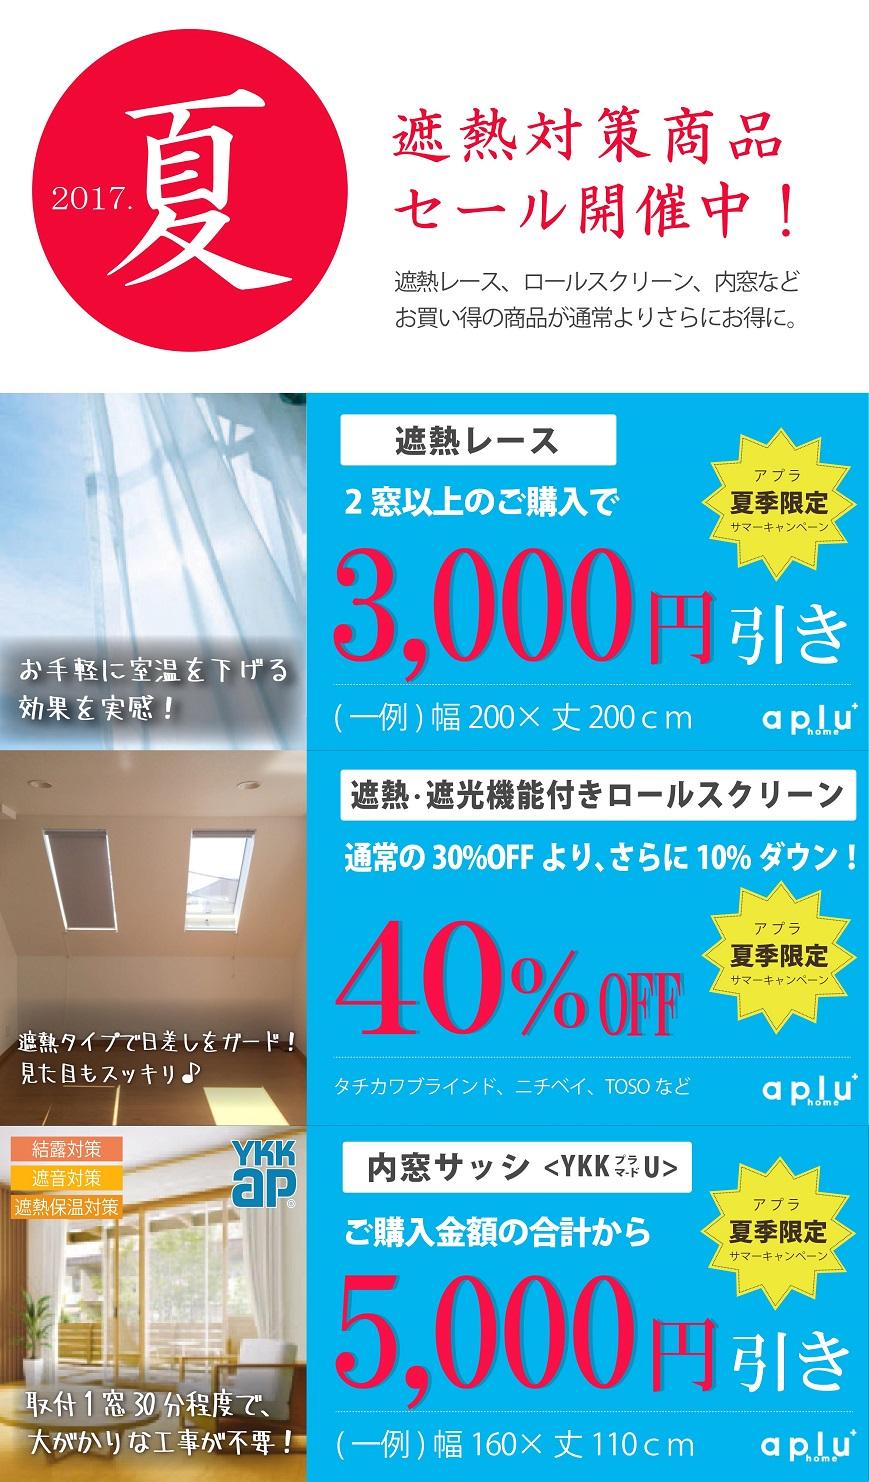 【アリオ亀有店限定】遮熱商品最大40%OFFキャンペーン開催中!